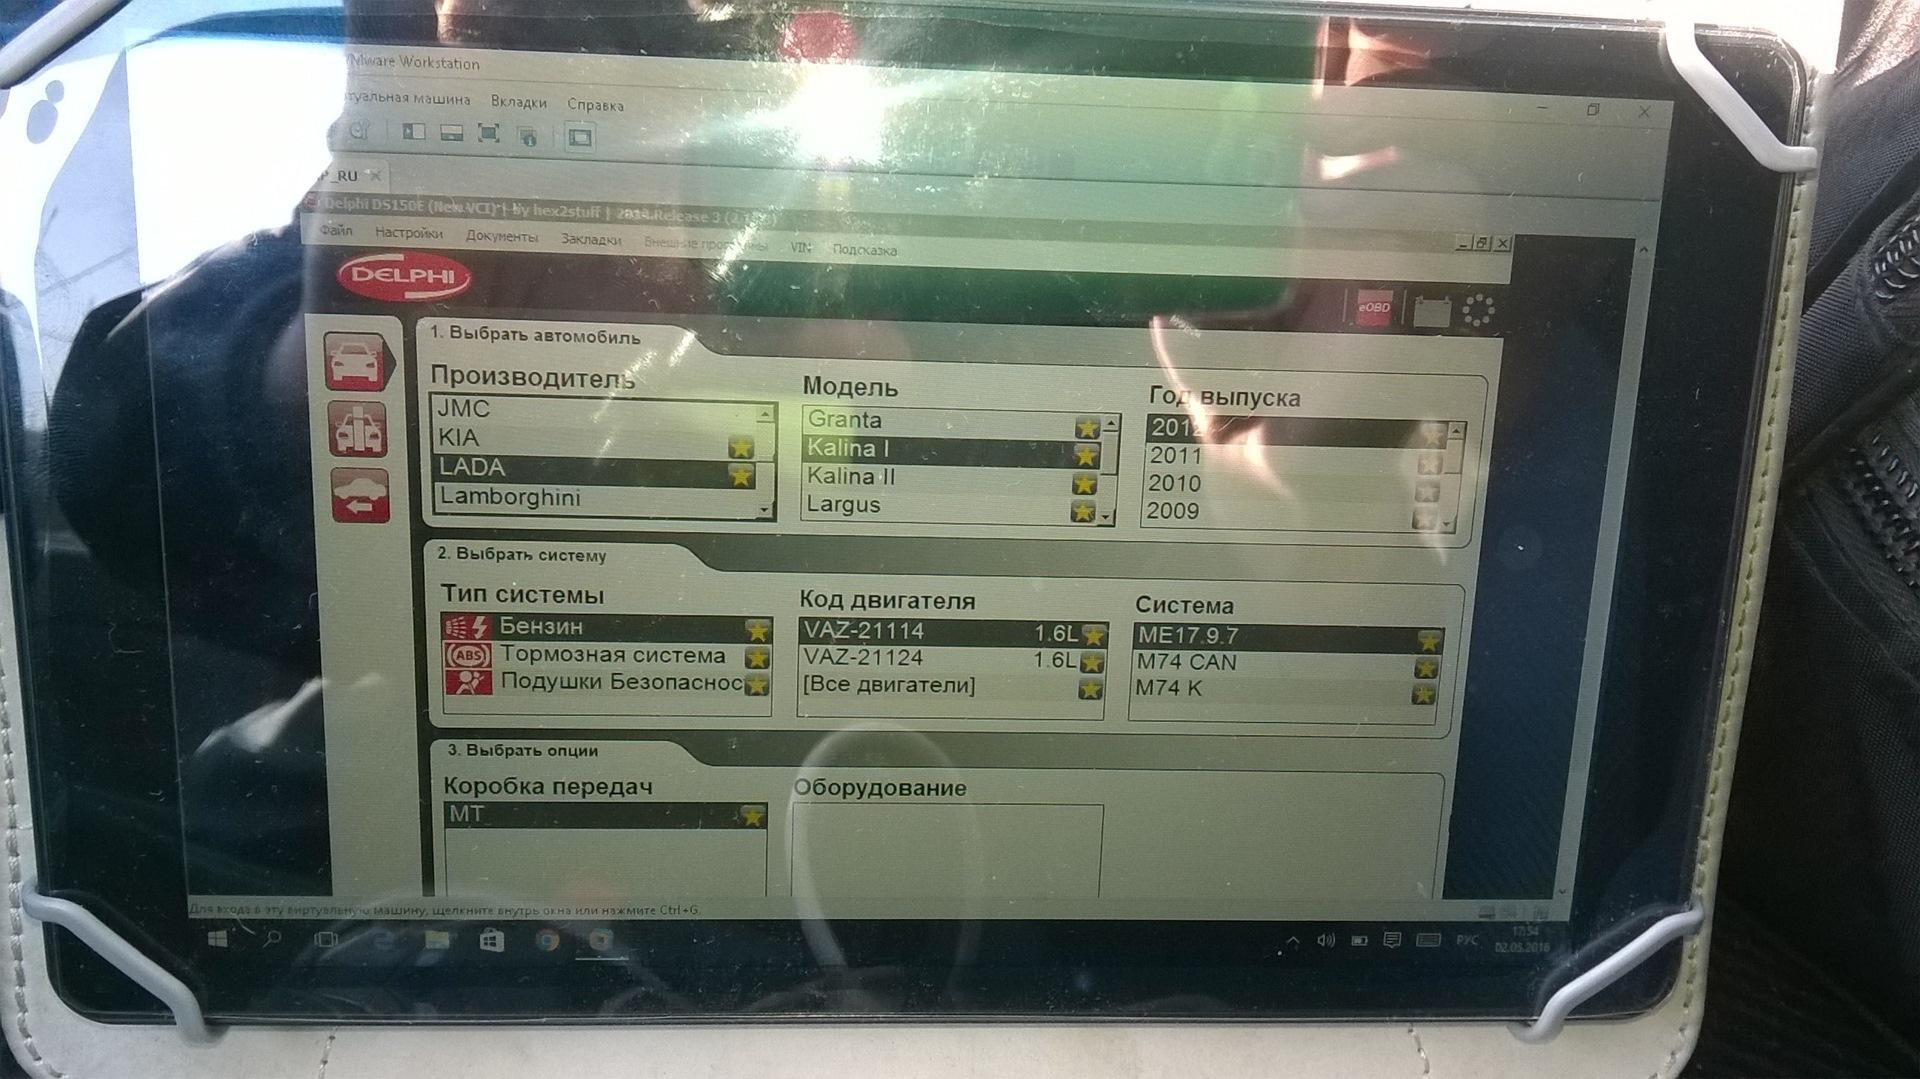 Планшет в виртуальной машине Delphi 2014 3 + WOW! 4 15 3 + WOW! 5 00